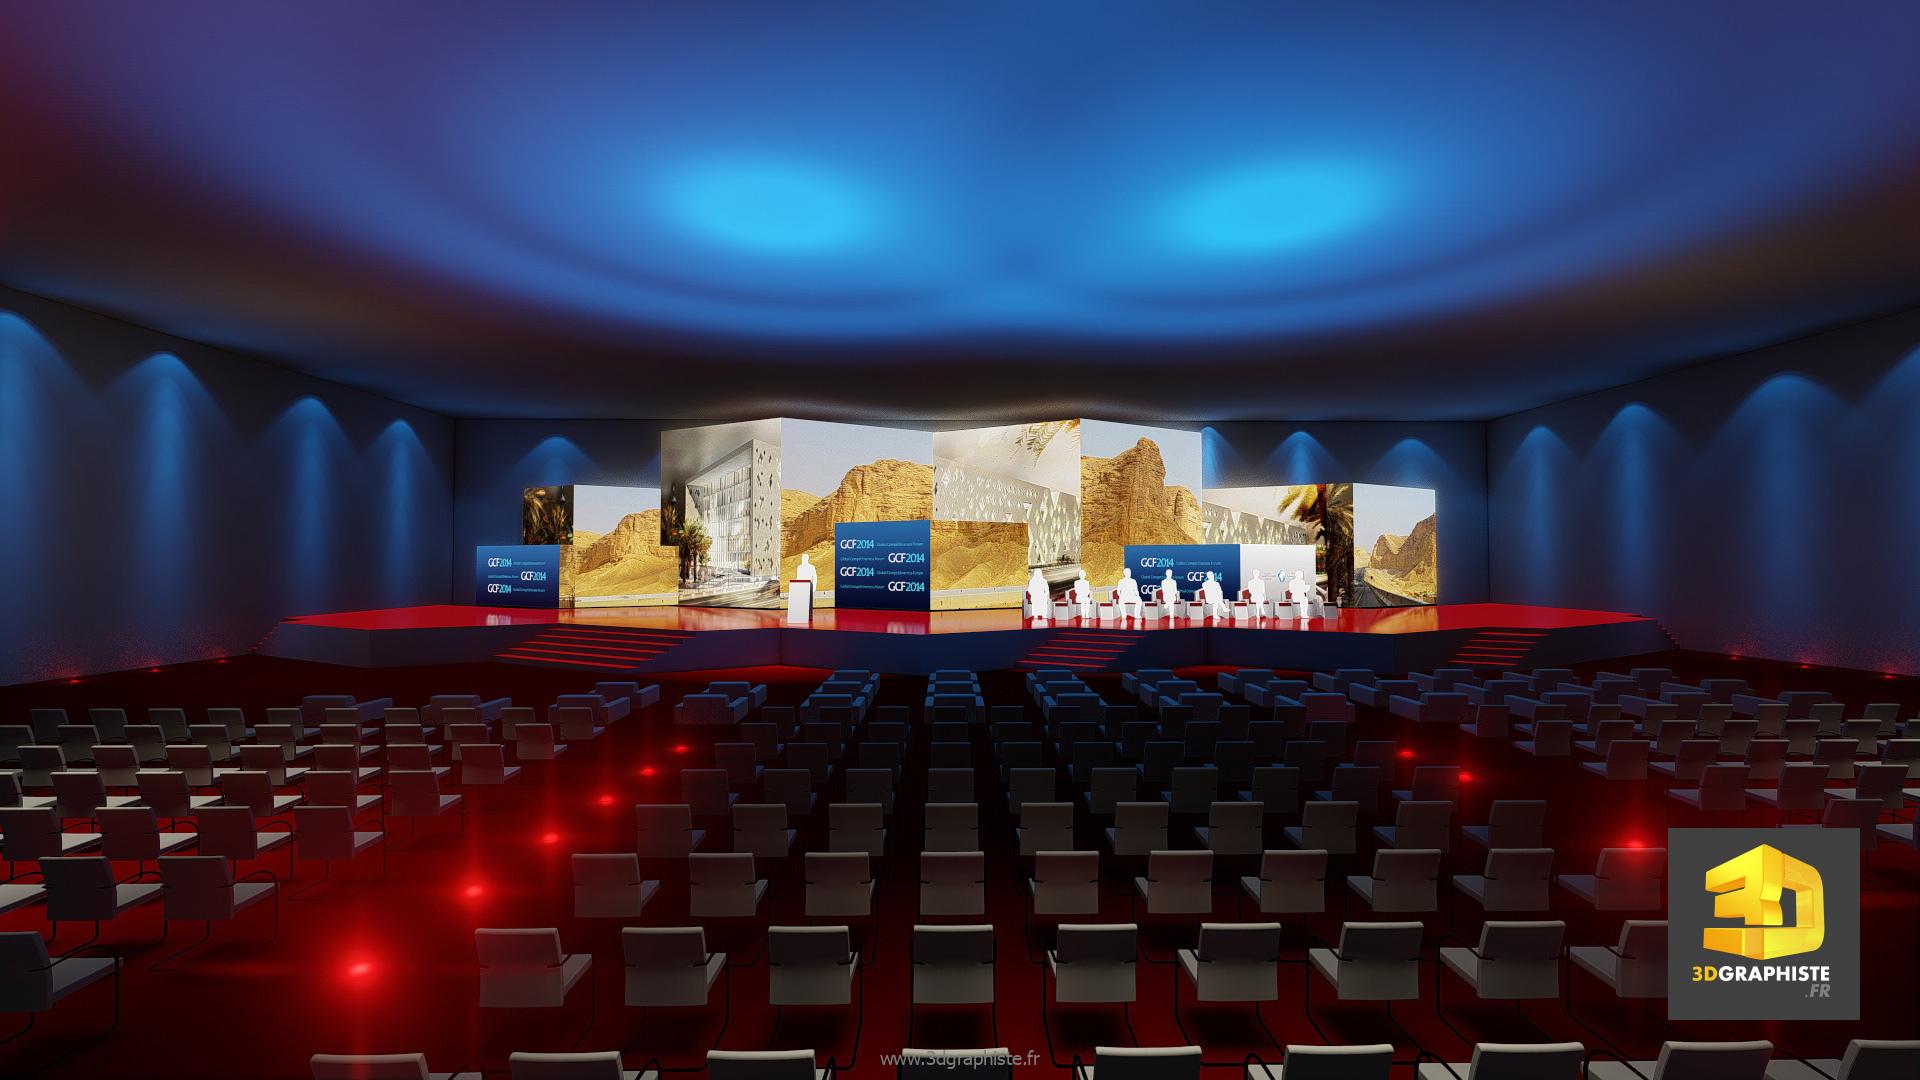 Scénographie de convention plénière rough 3D